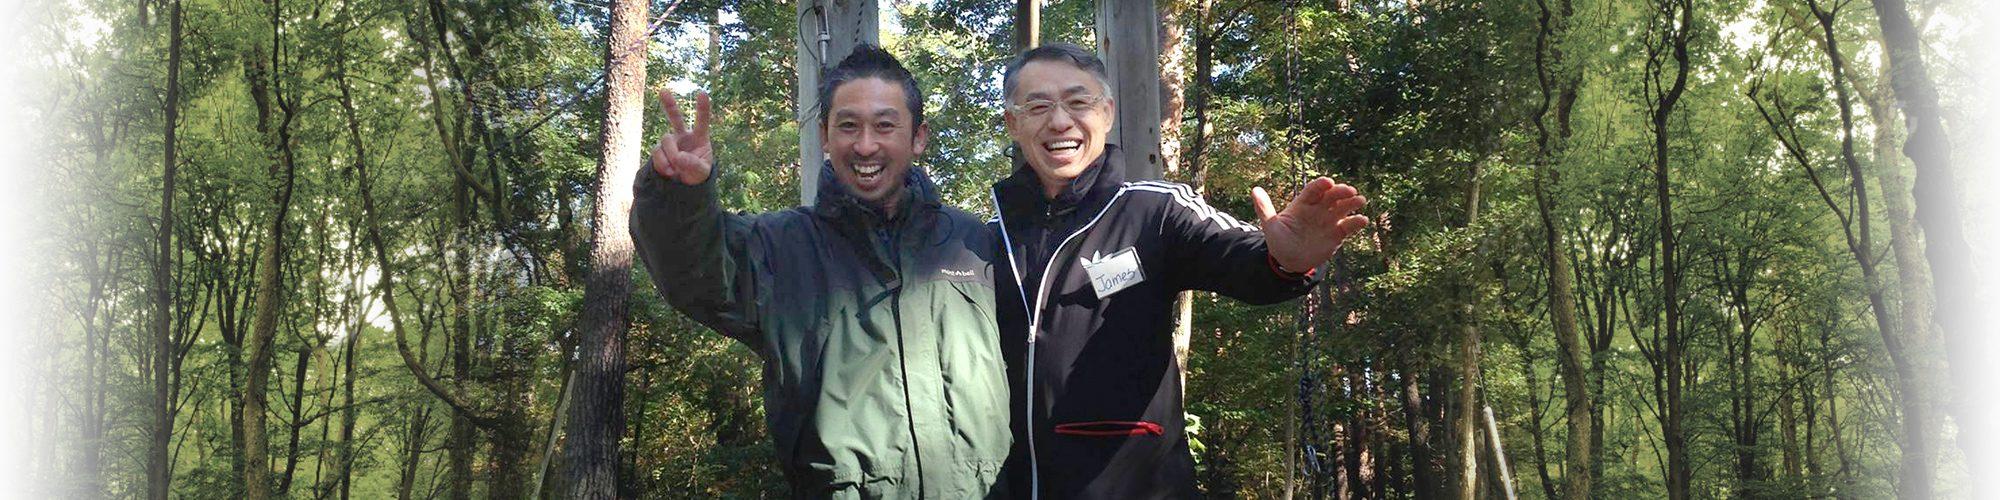 images Masami Horiuchi